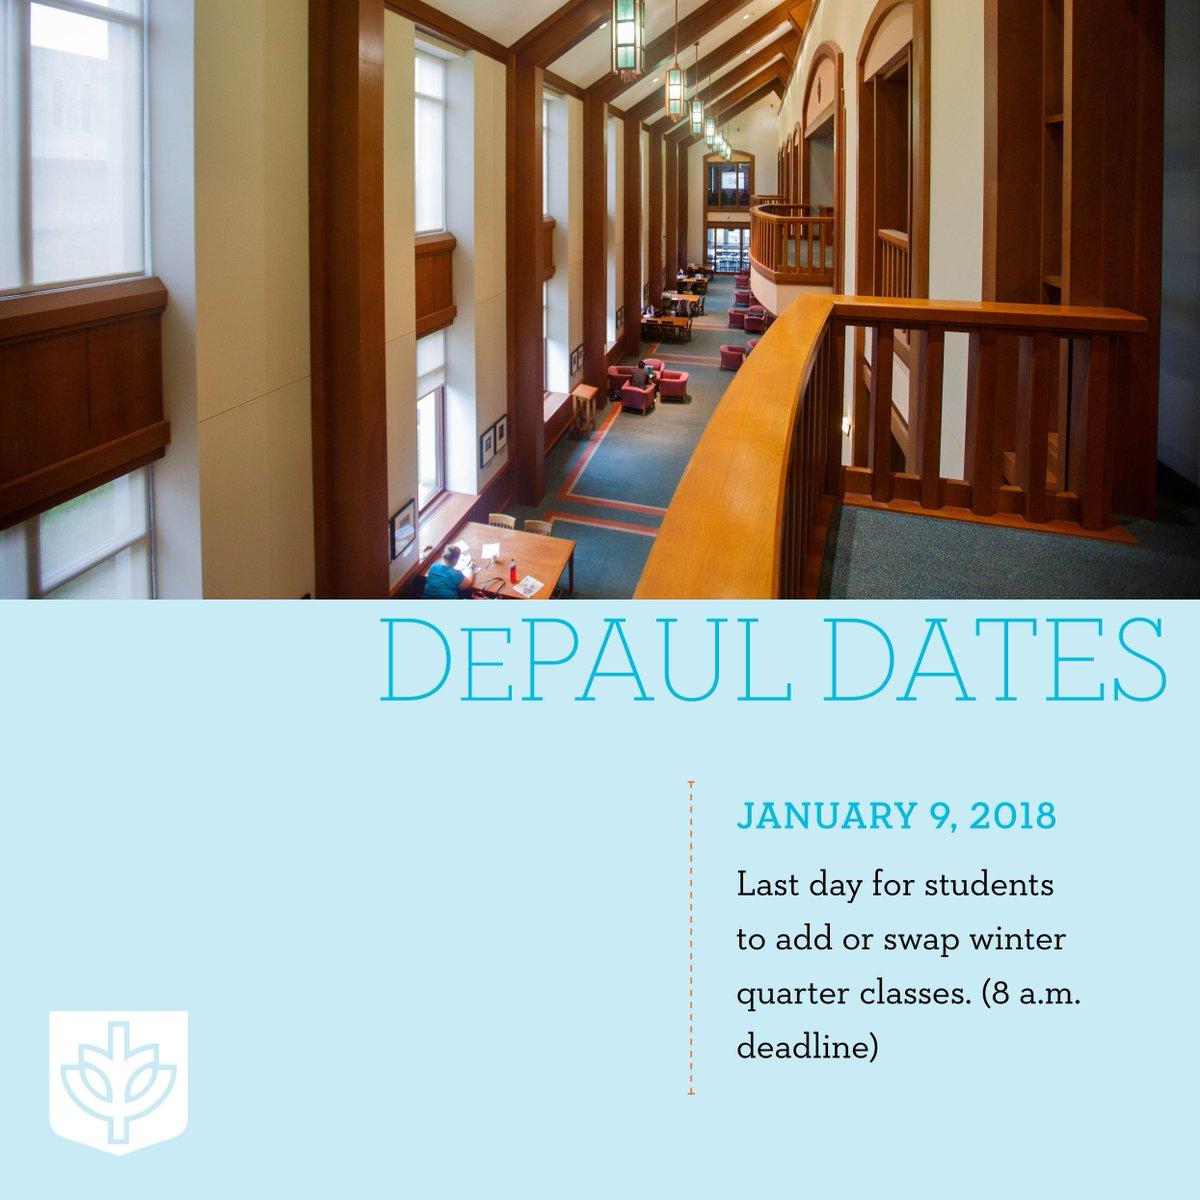 DePaul University on Twitter: